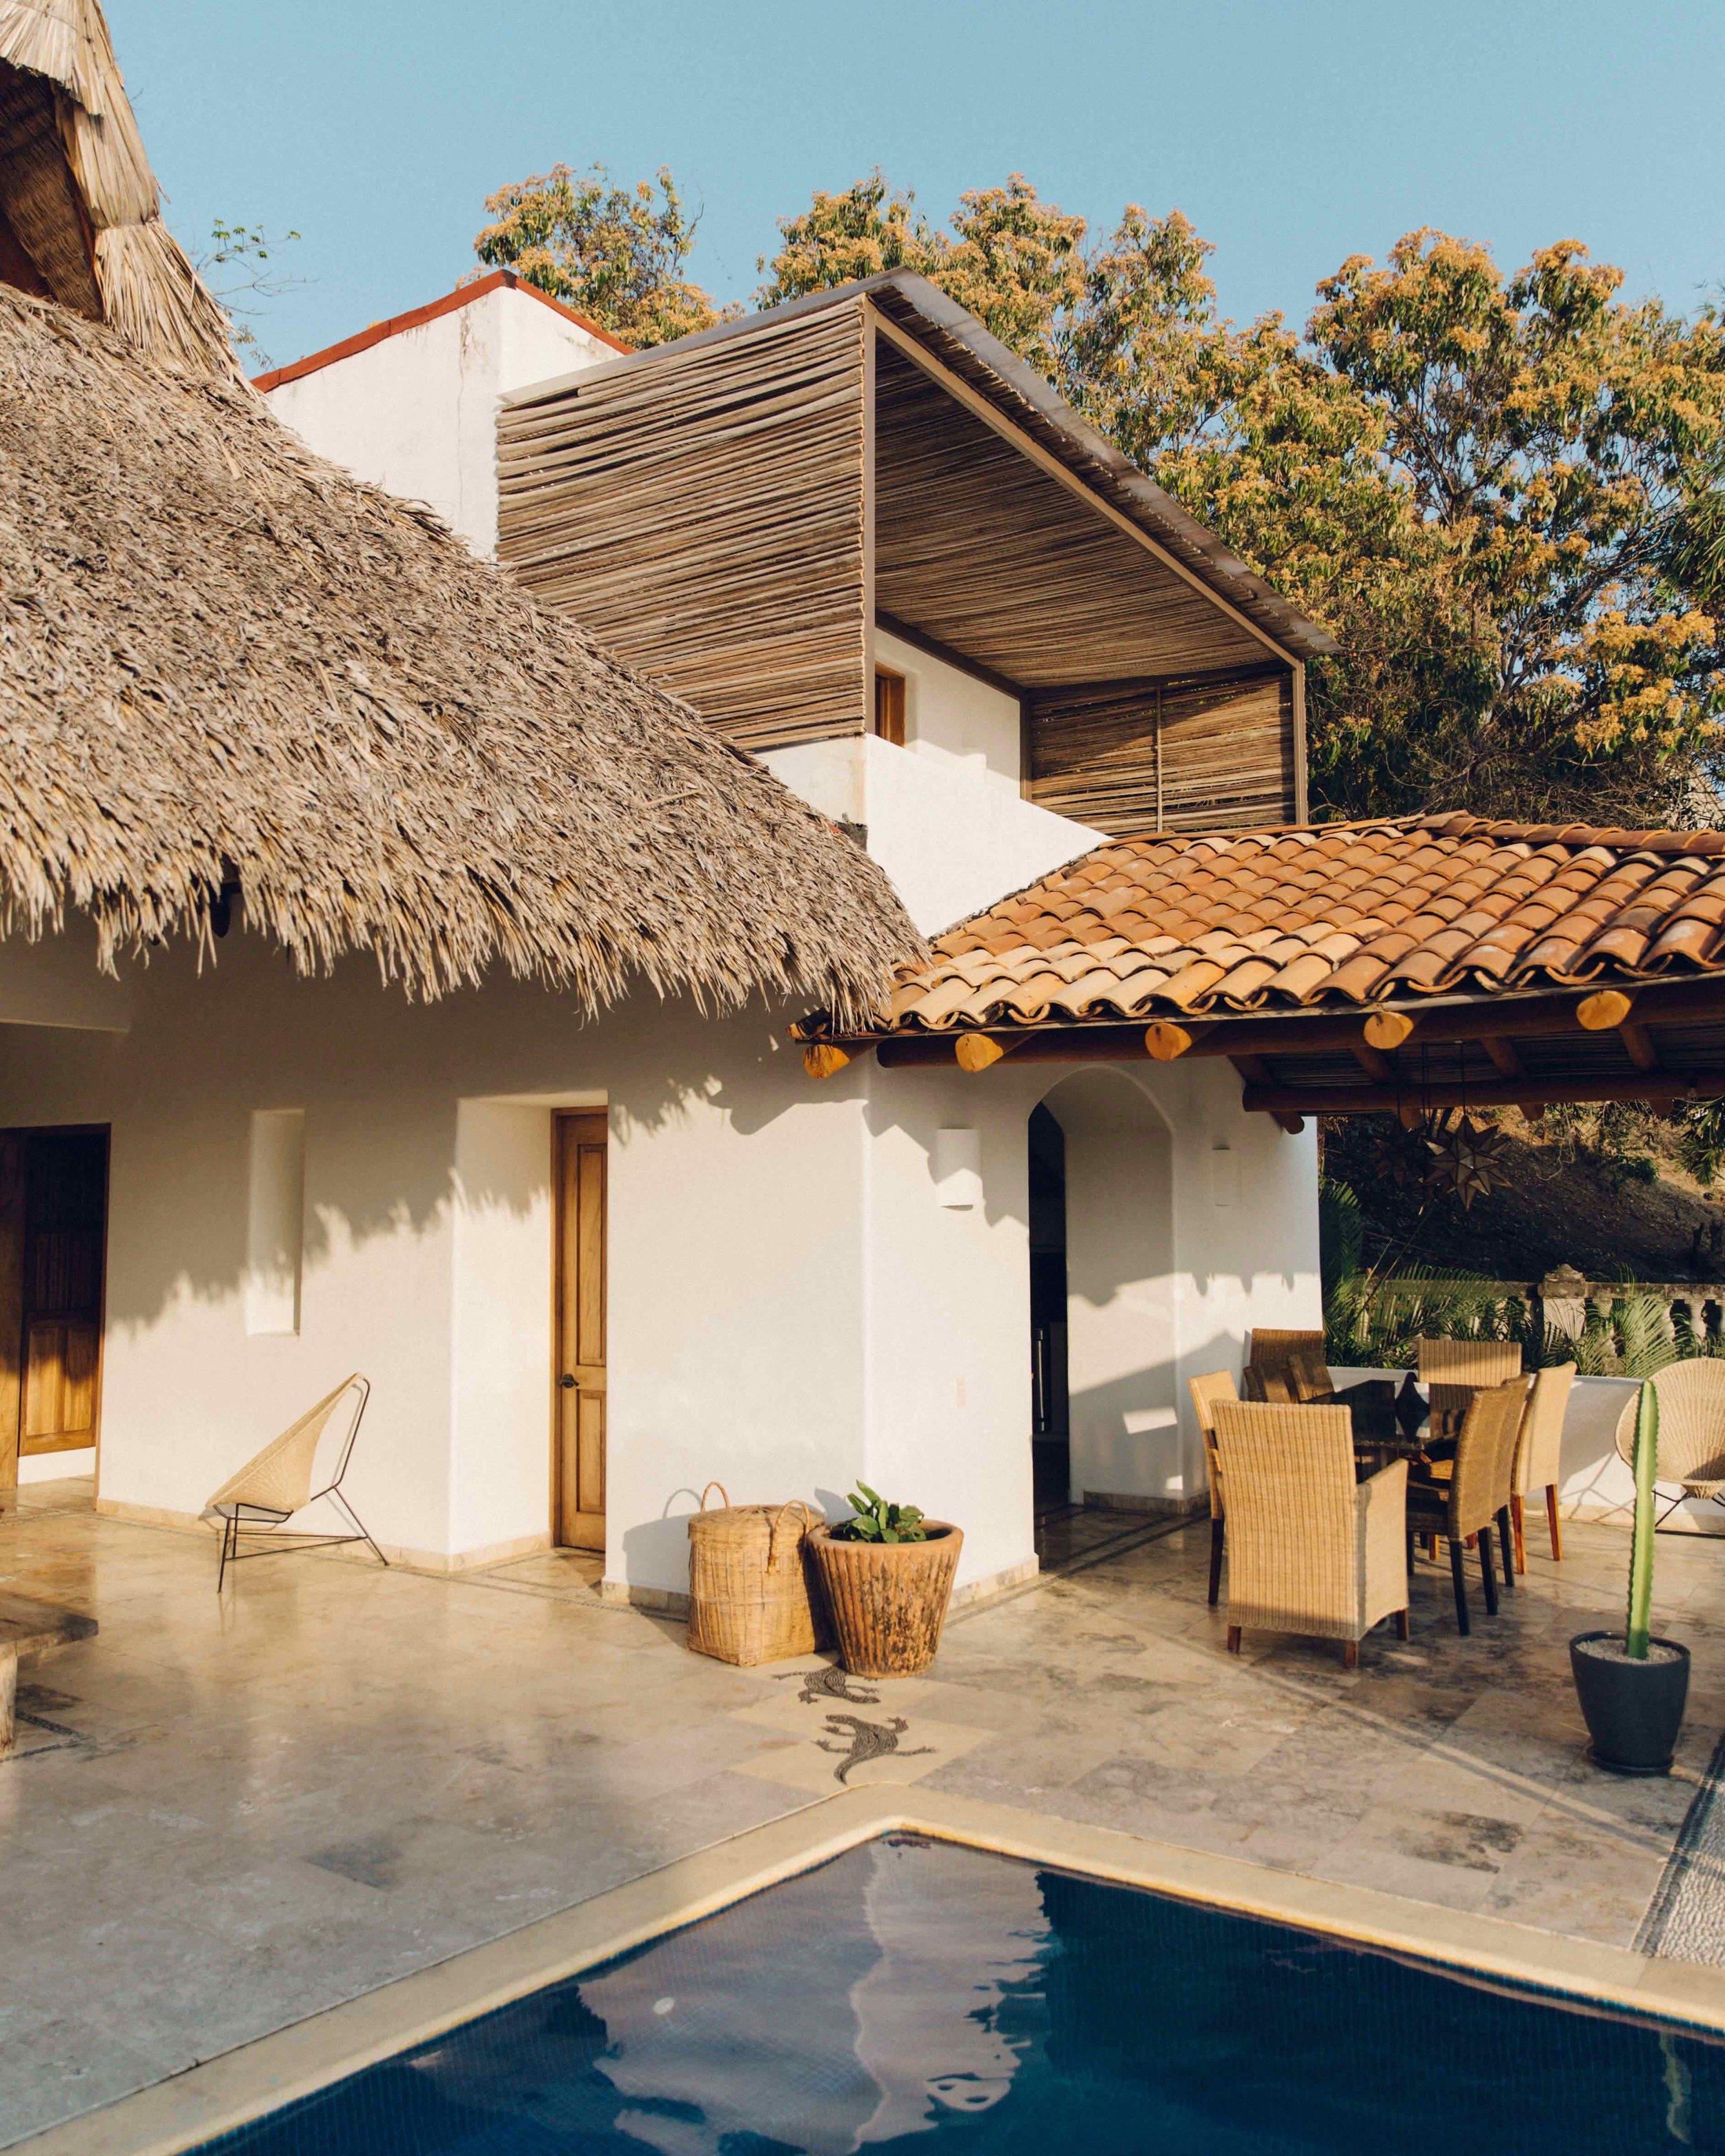 LA-CASA-MX-HOUSE-DETAILS-49.jpg